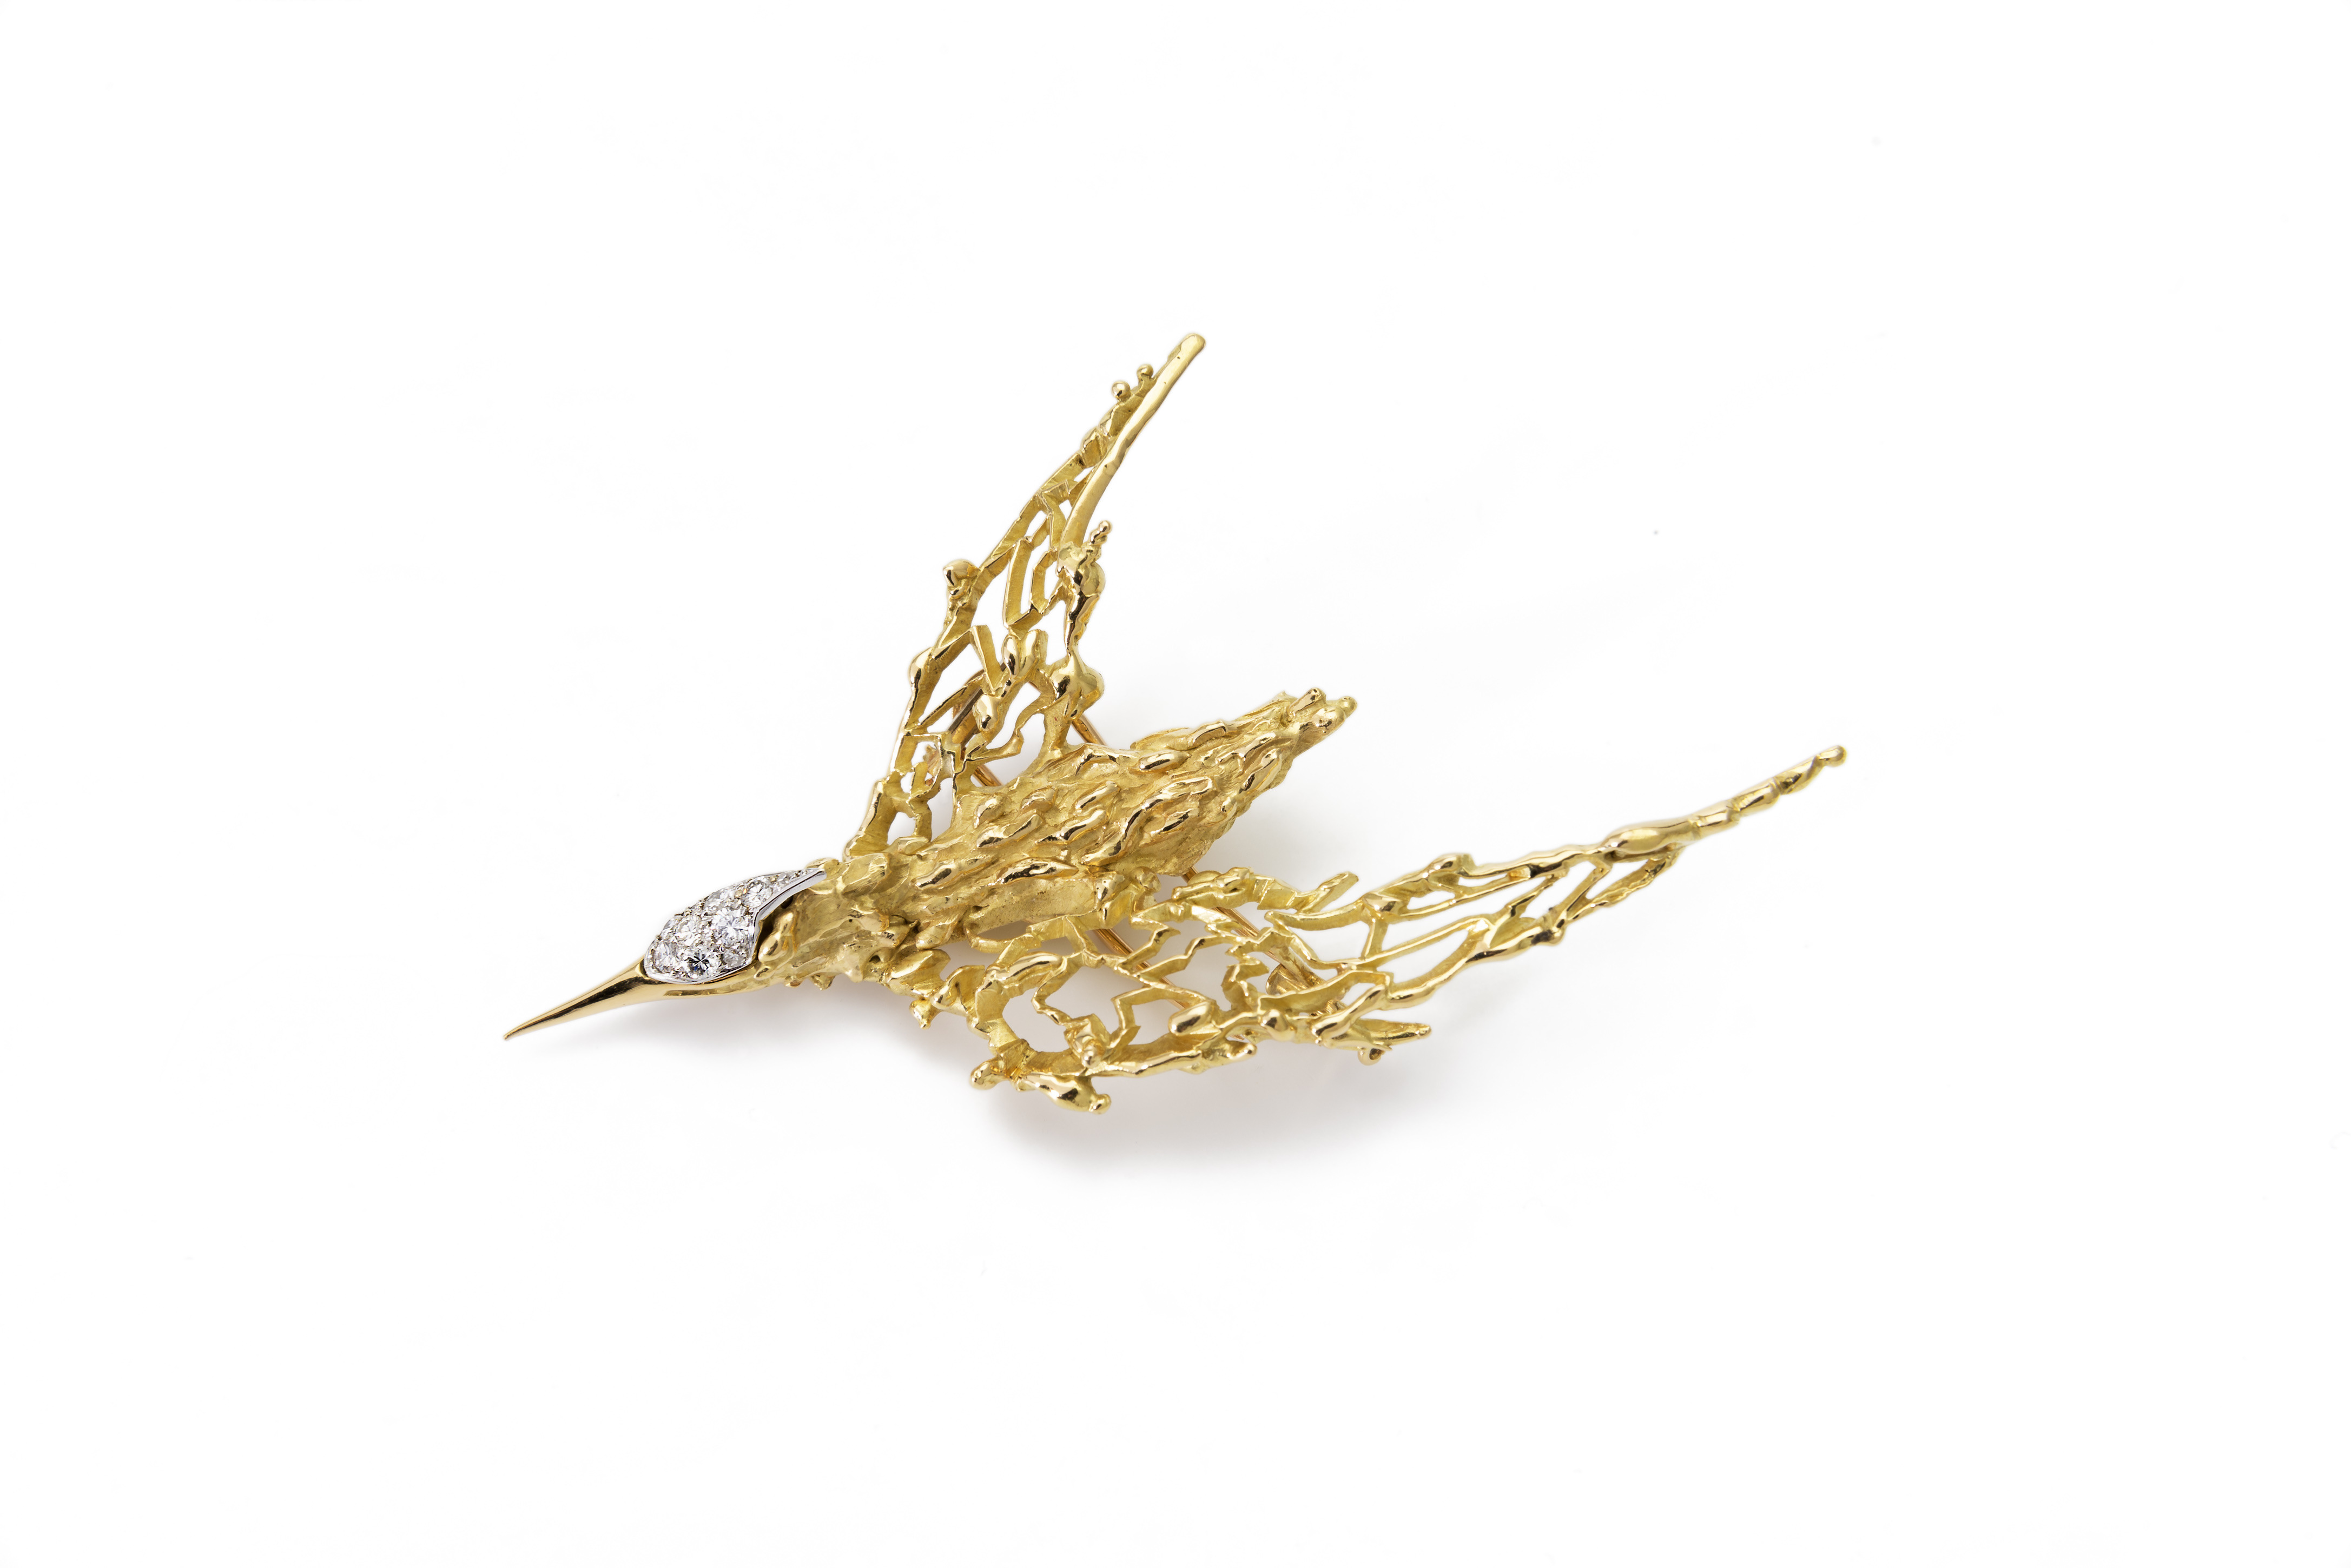 Kunstwerk goud vogel